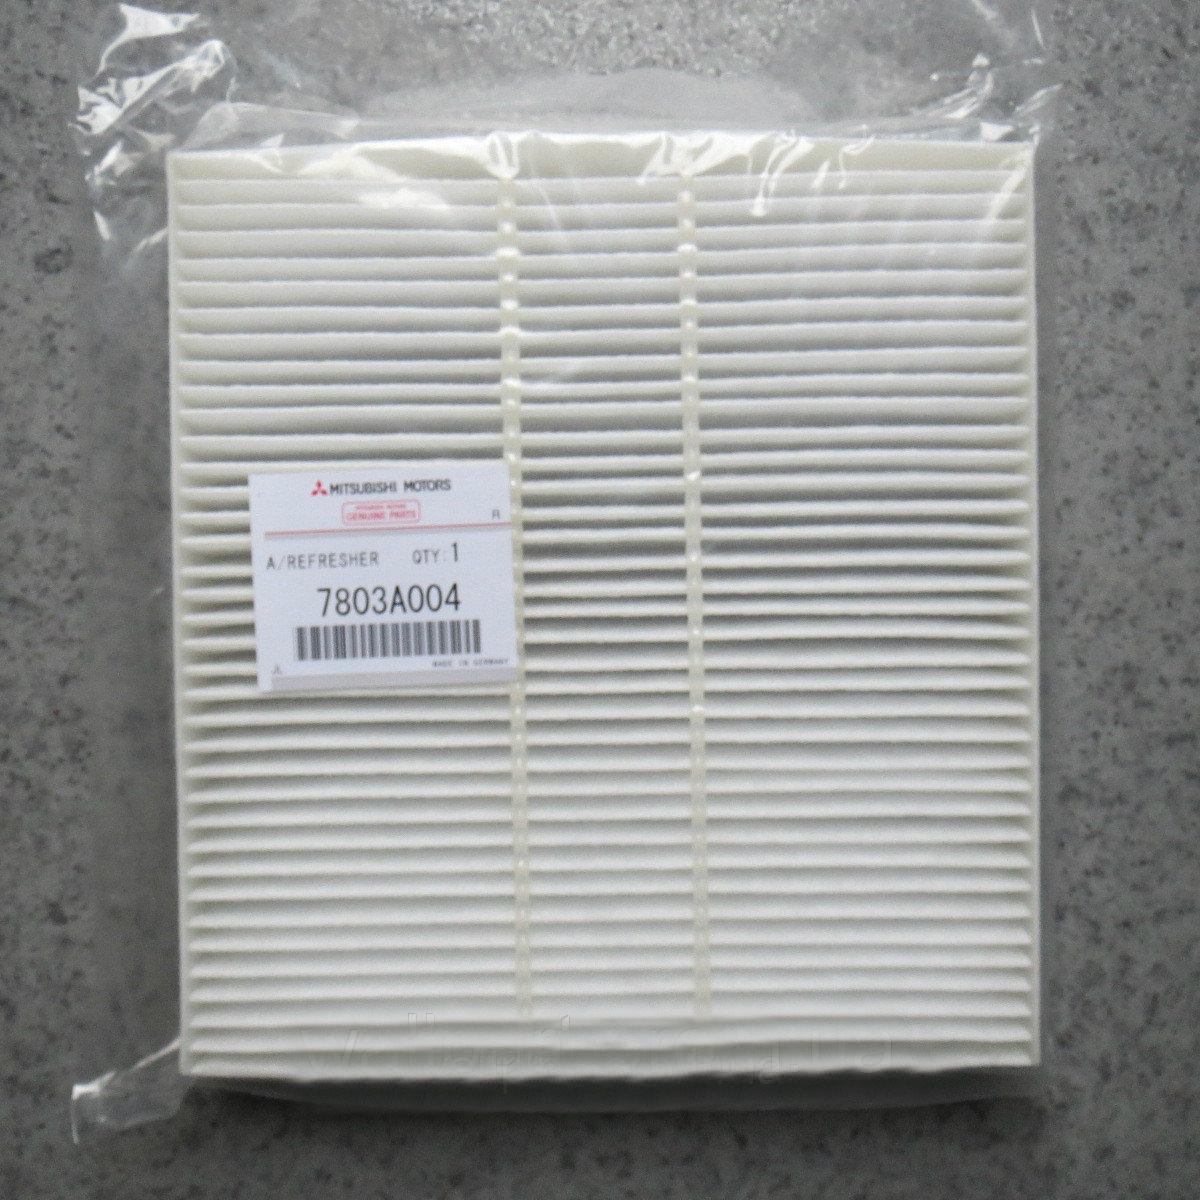 Салонный фильтр 7803A004 системы отопления, вентиляции и кондиционирования Mitsubishi Outlander XL